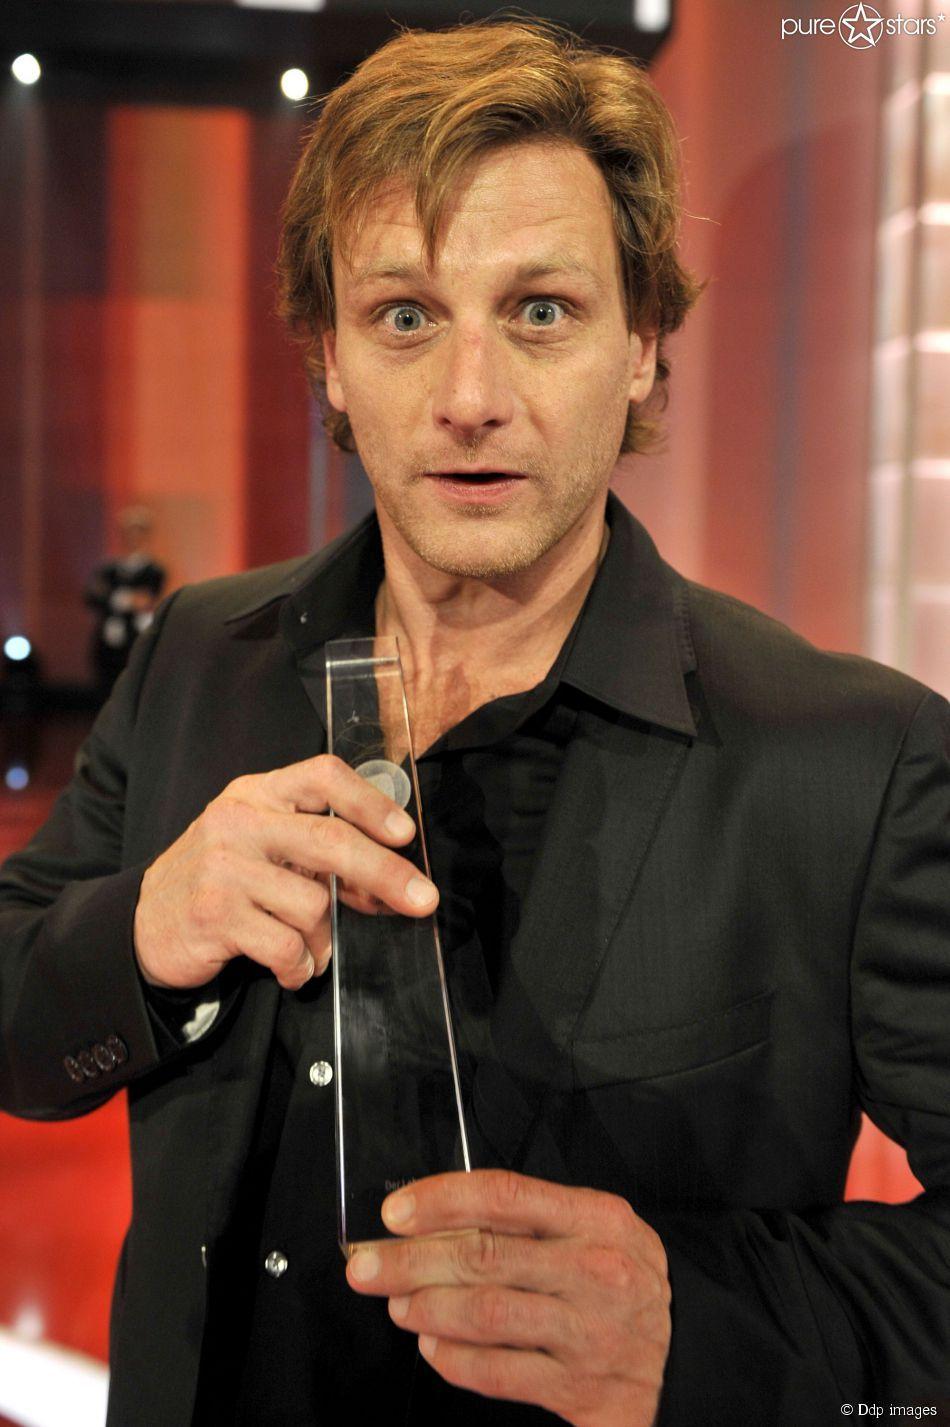 Deutscher Fernsehpreis Für Den Besten Schauspieler